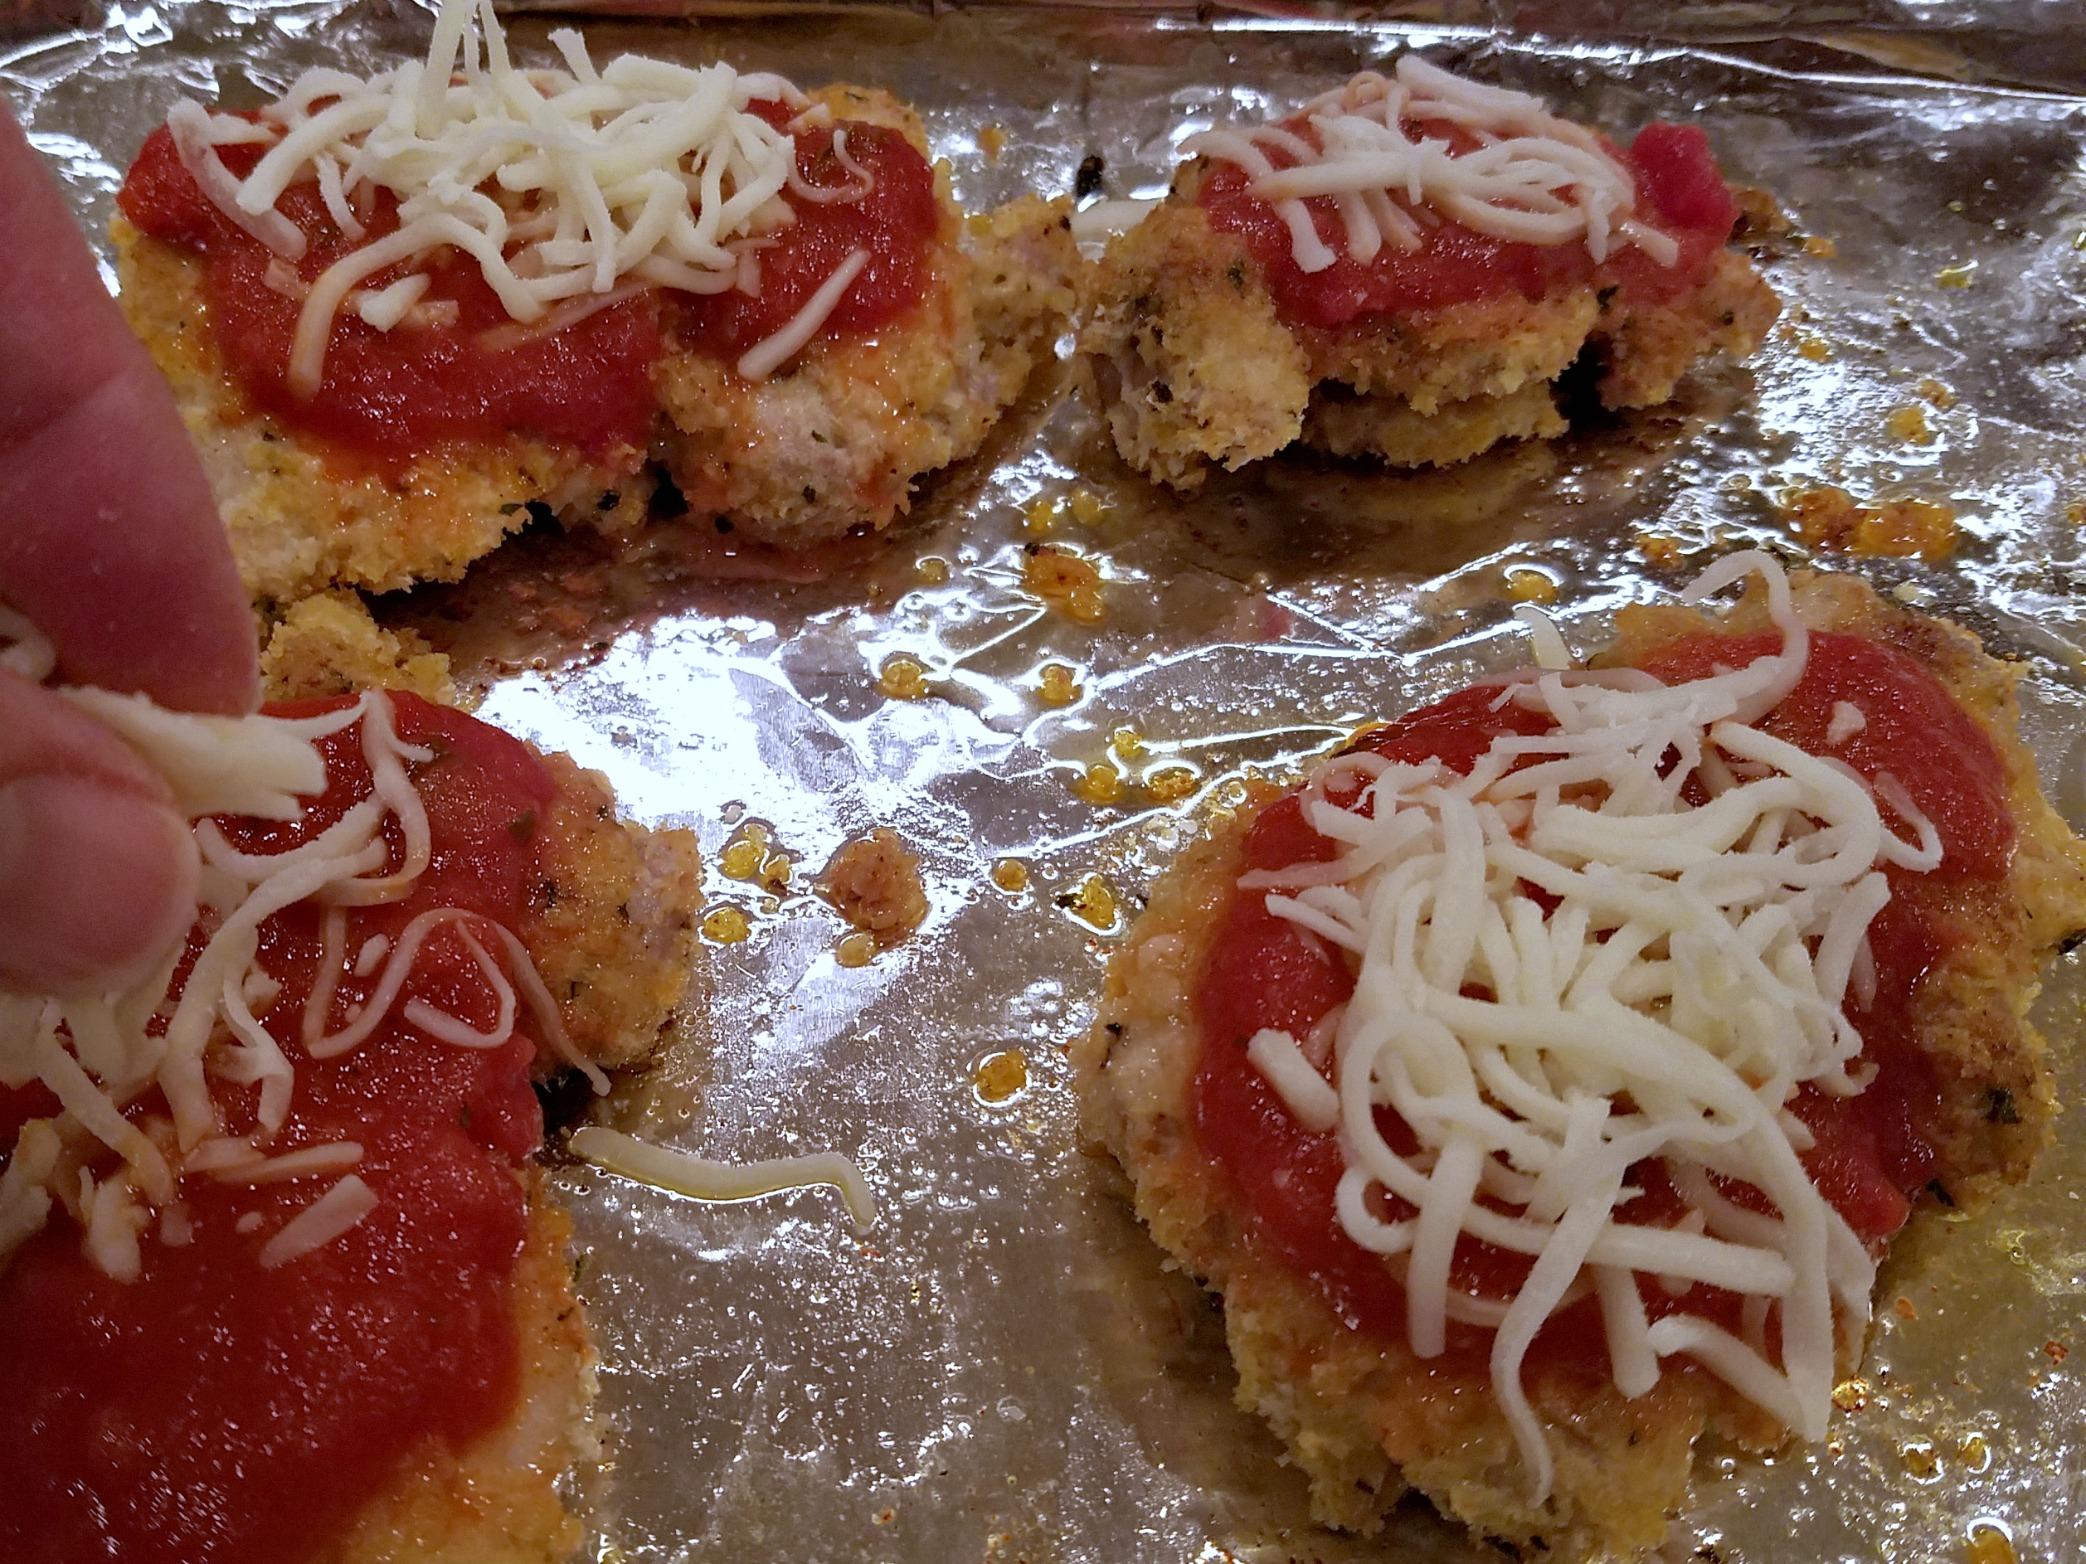 Chicken Parmasana prep work